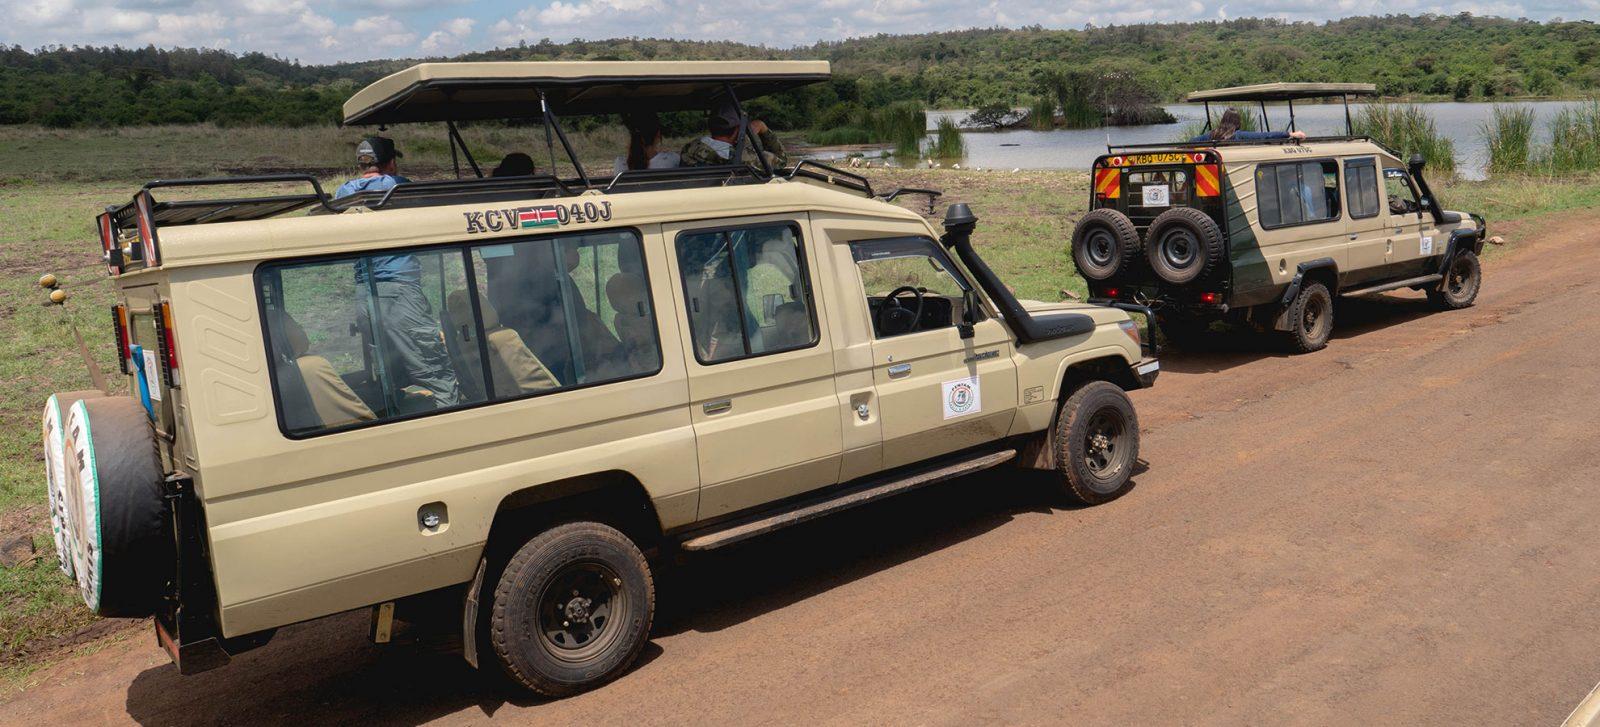 Penfam Tours and Safaris Nairobi National Park